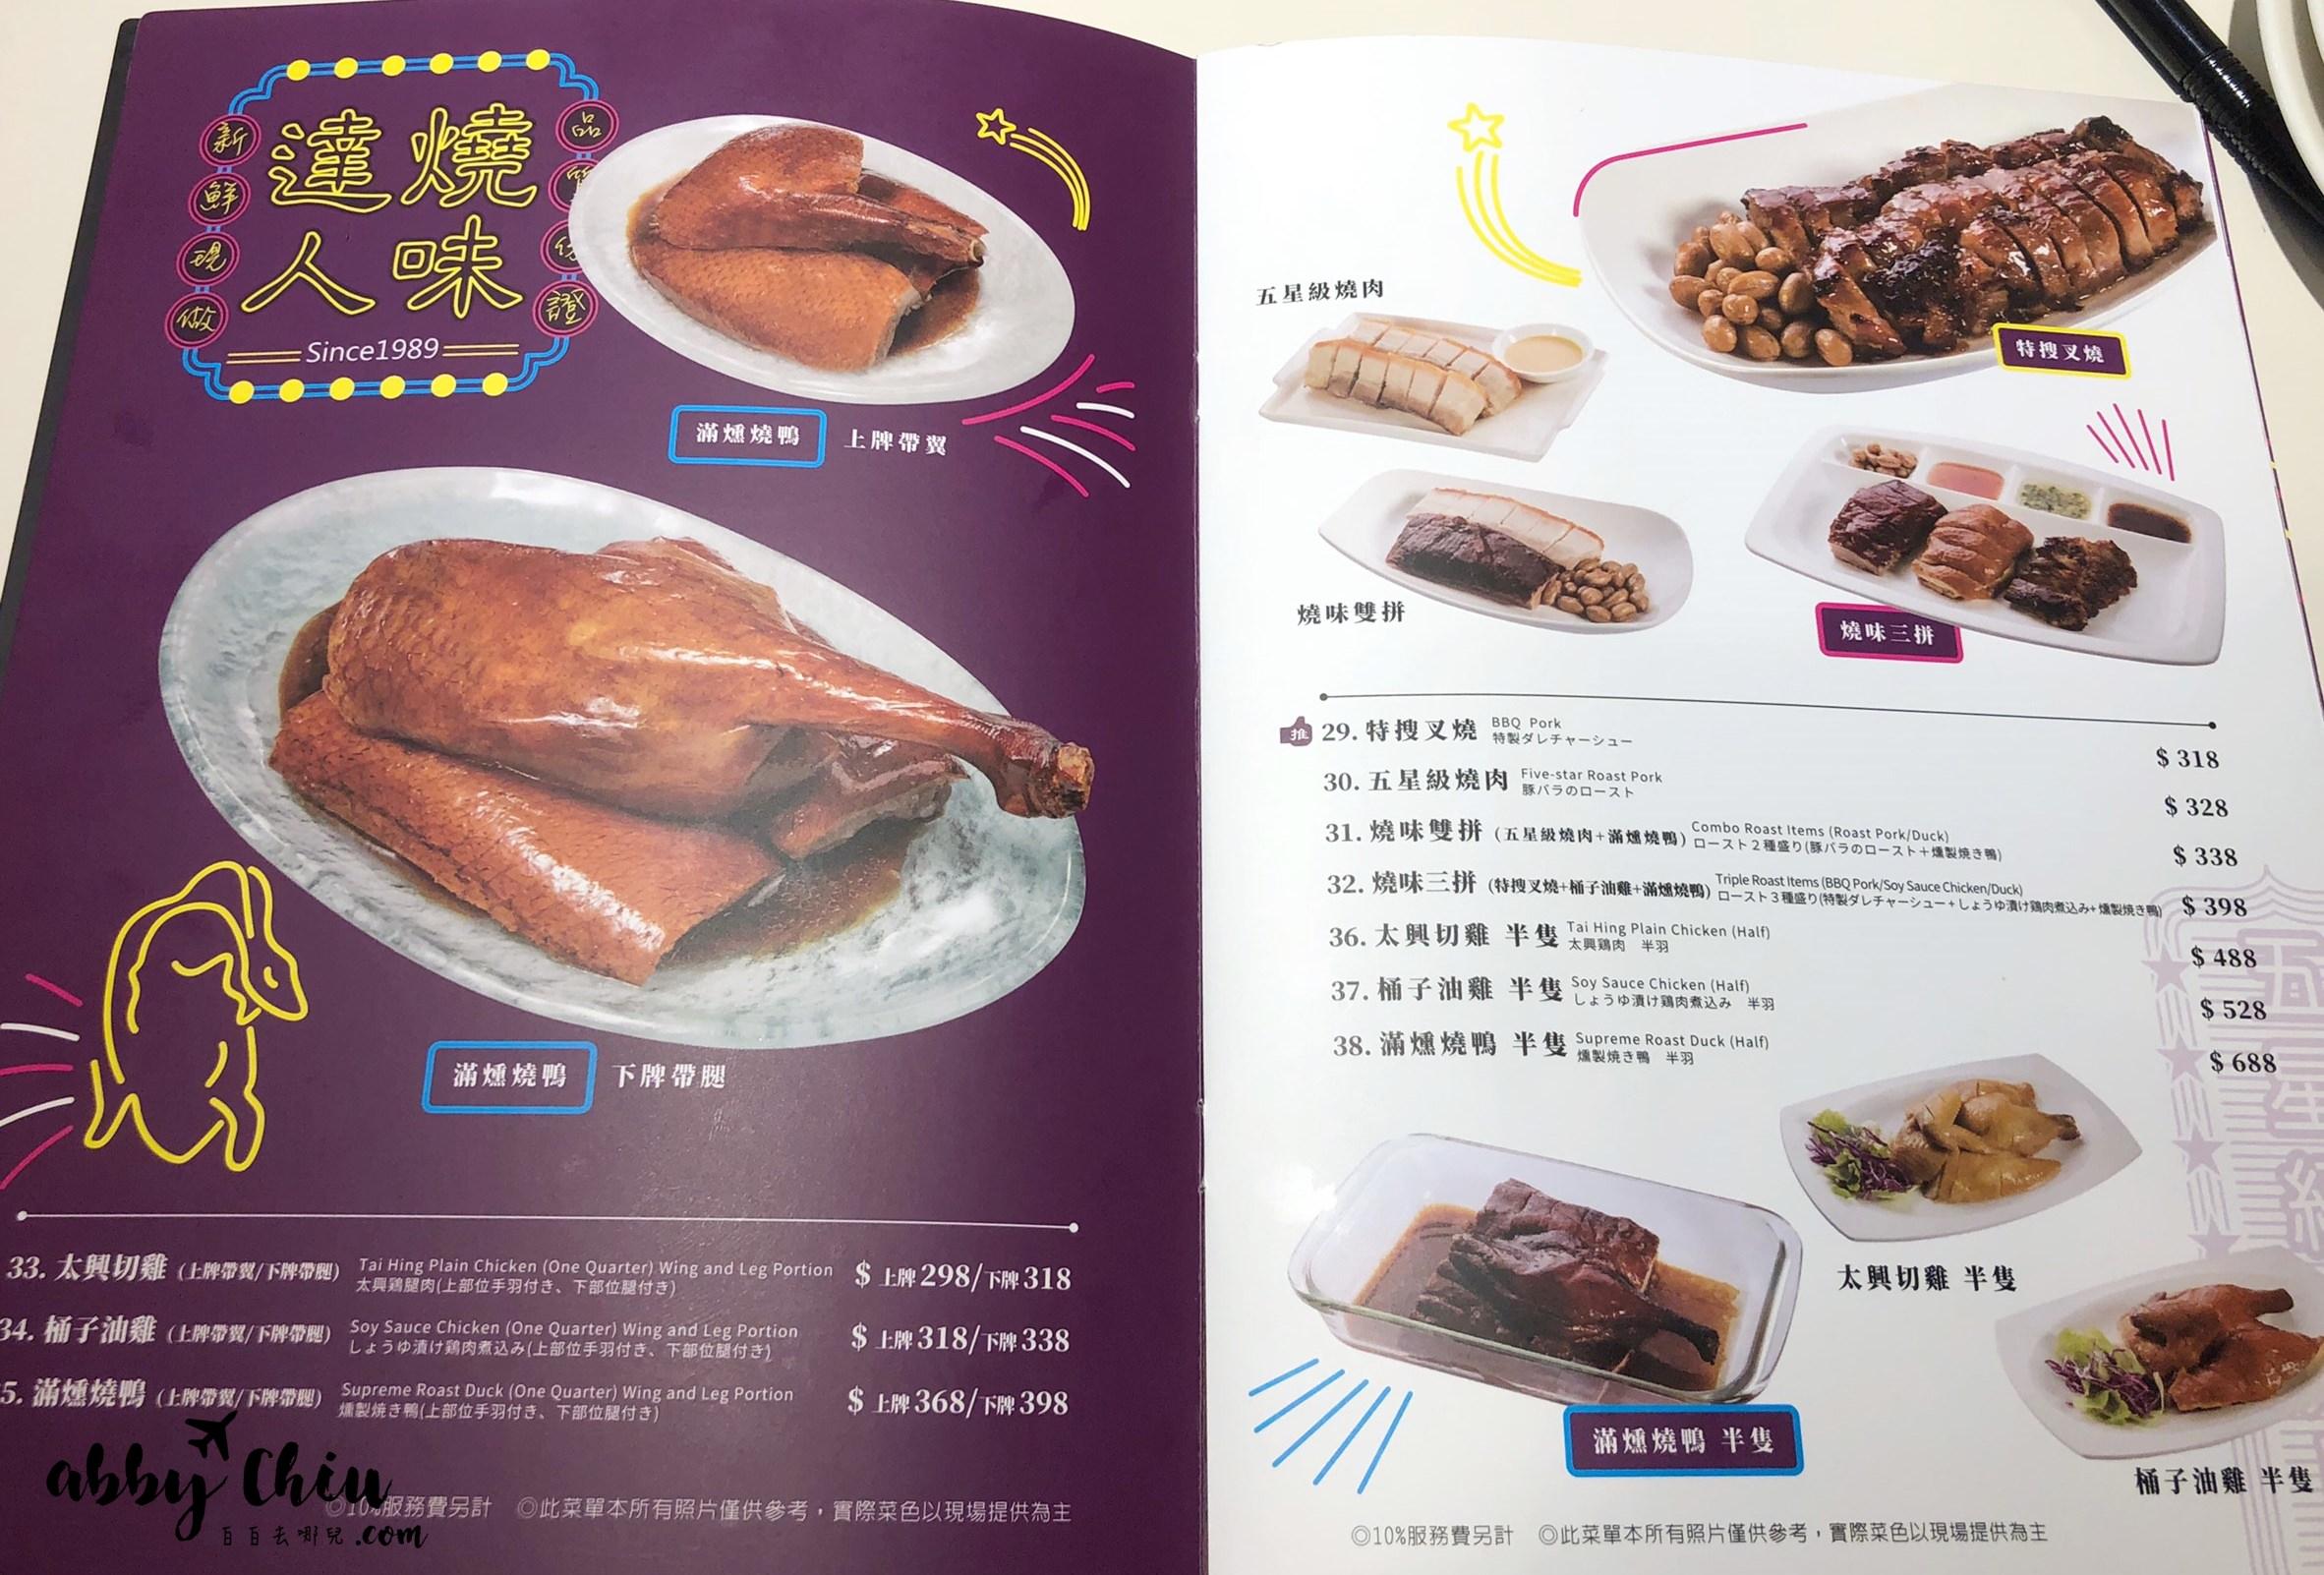 台北車站美食 | 太興茶餐廳全品項菜單價位